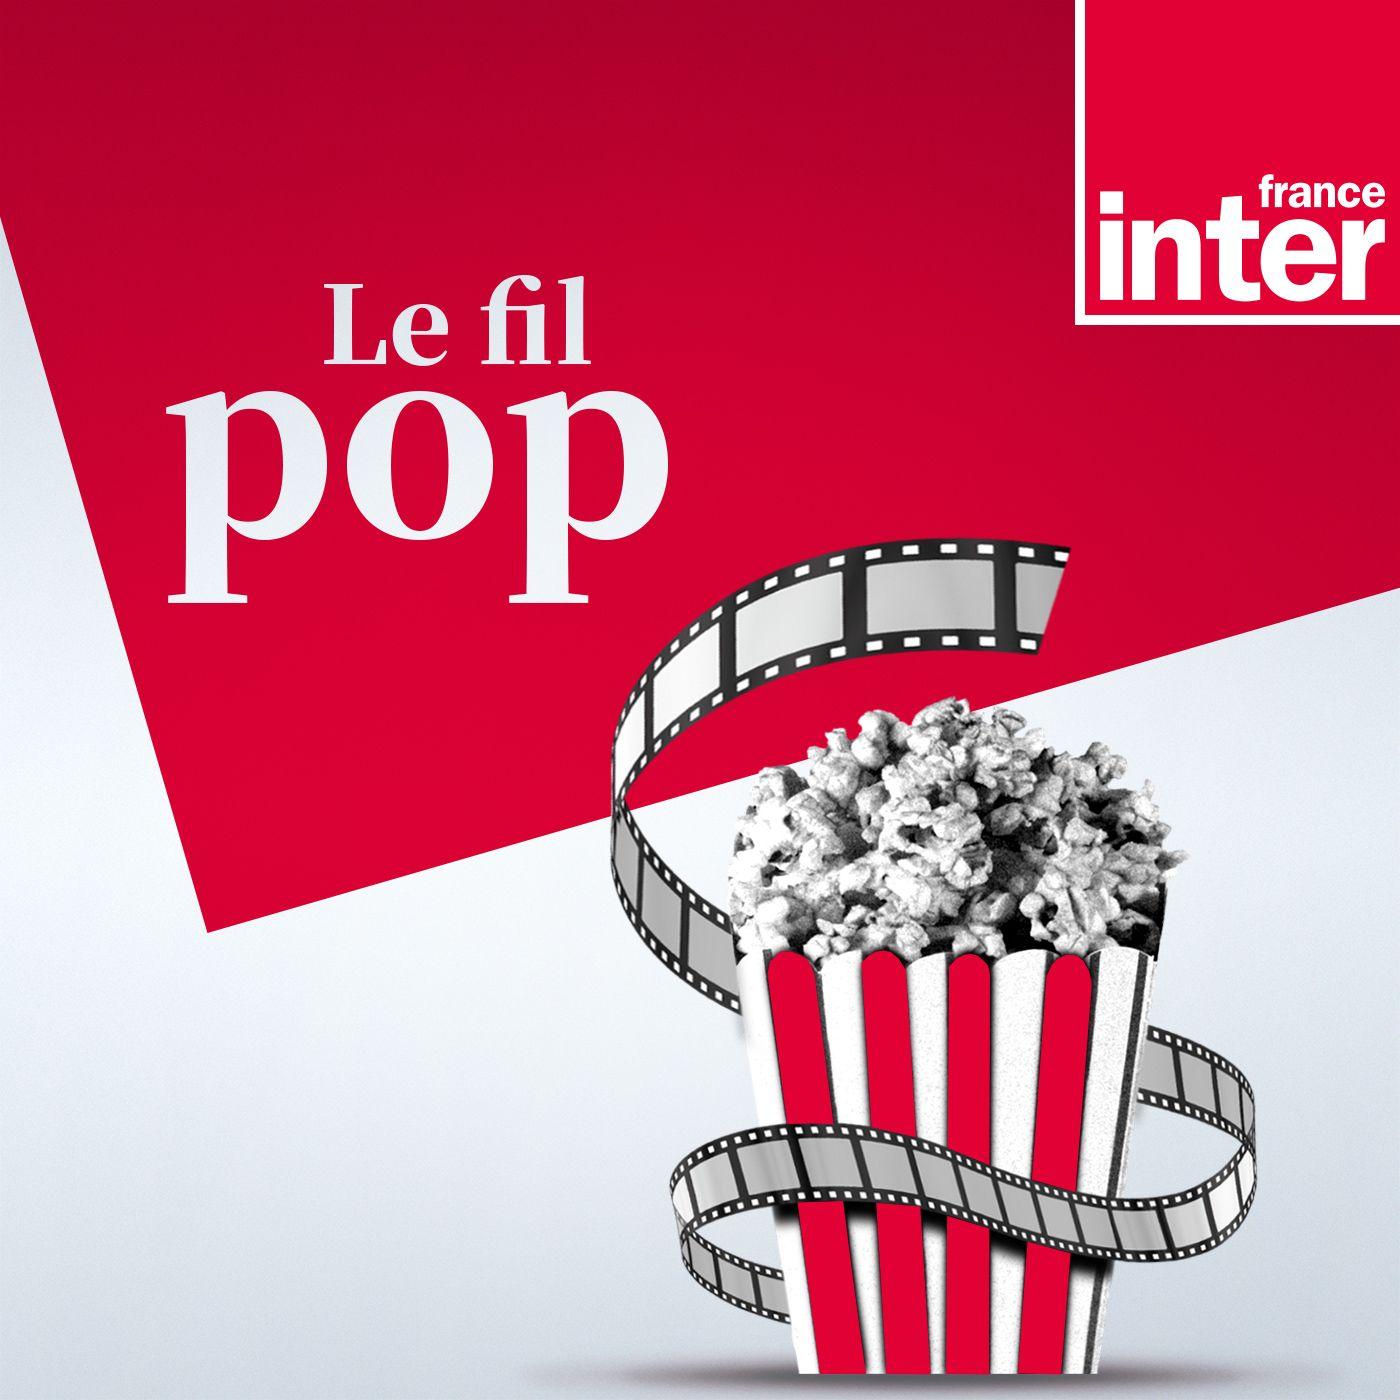 Image 1: Le fil Pop